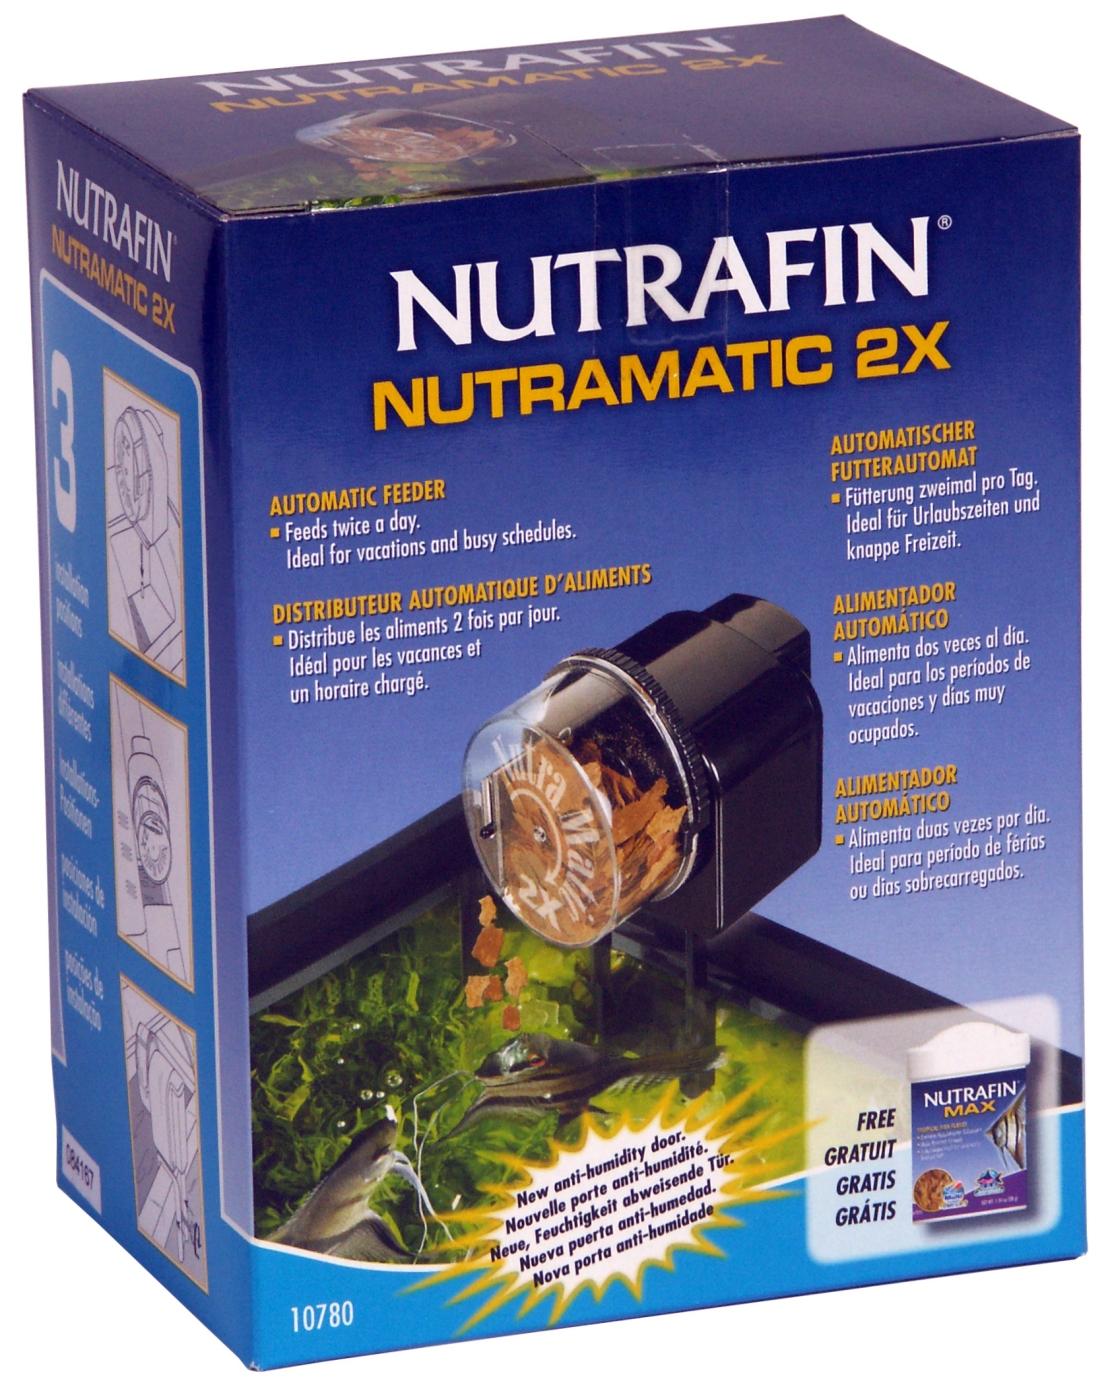 Nutrafin Nutramatic 2x Automatic Fish Feeder